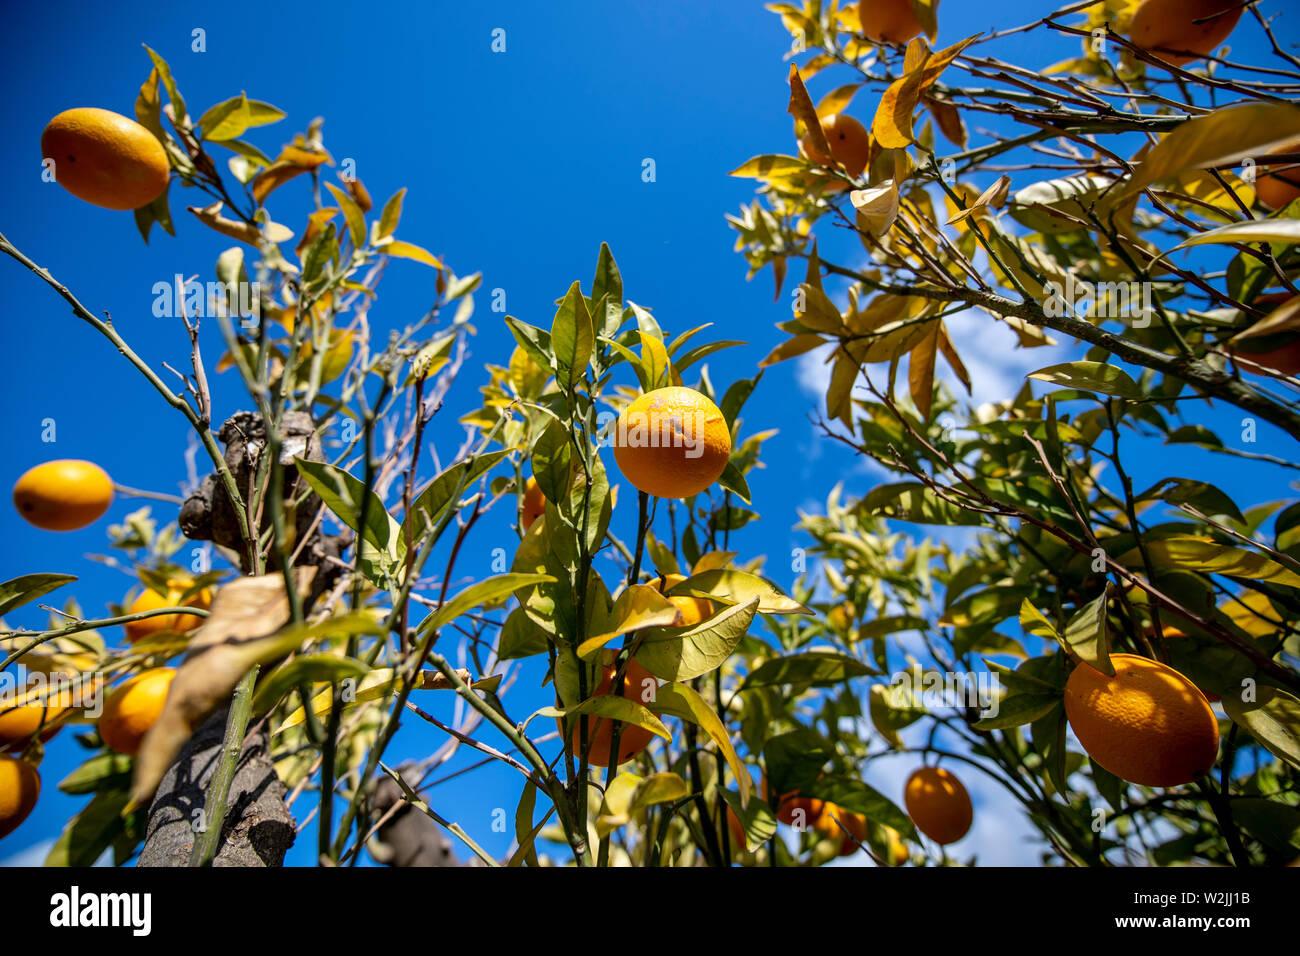 Marbella Themenbild Sommer, Orangen   Orangen an einem Orangenbaum vor blauem Himmel bei strahlendem Sonnenschein. Stock Photo